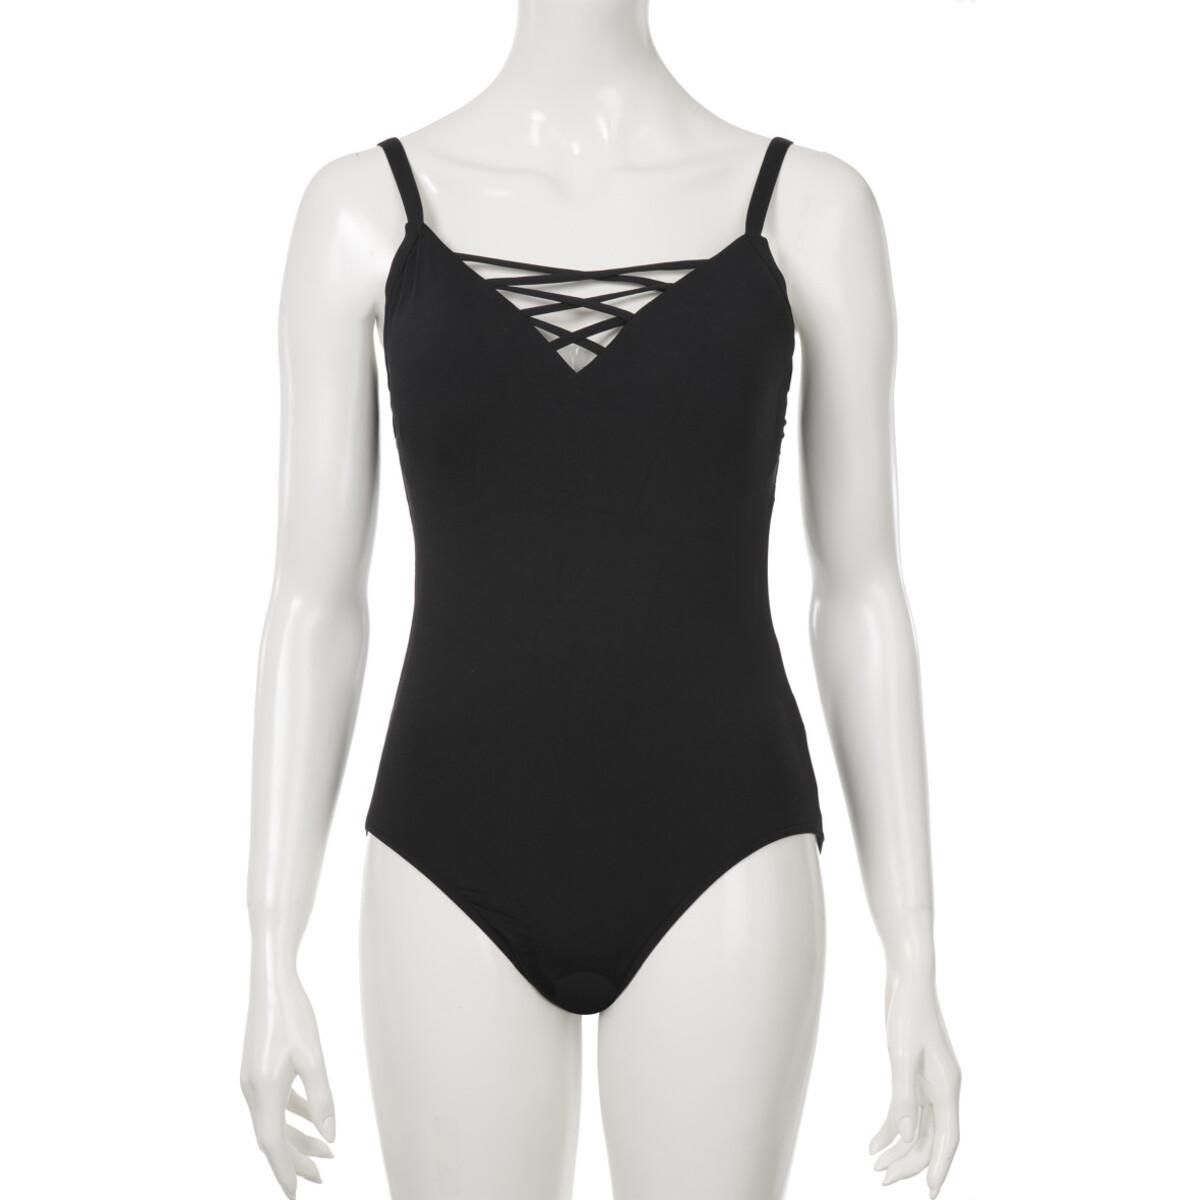 Bild 1 von Damen Seafolly Badeanzug im sportiven Look